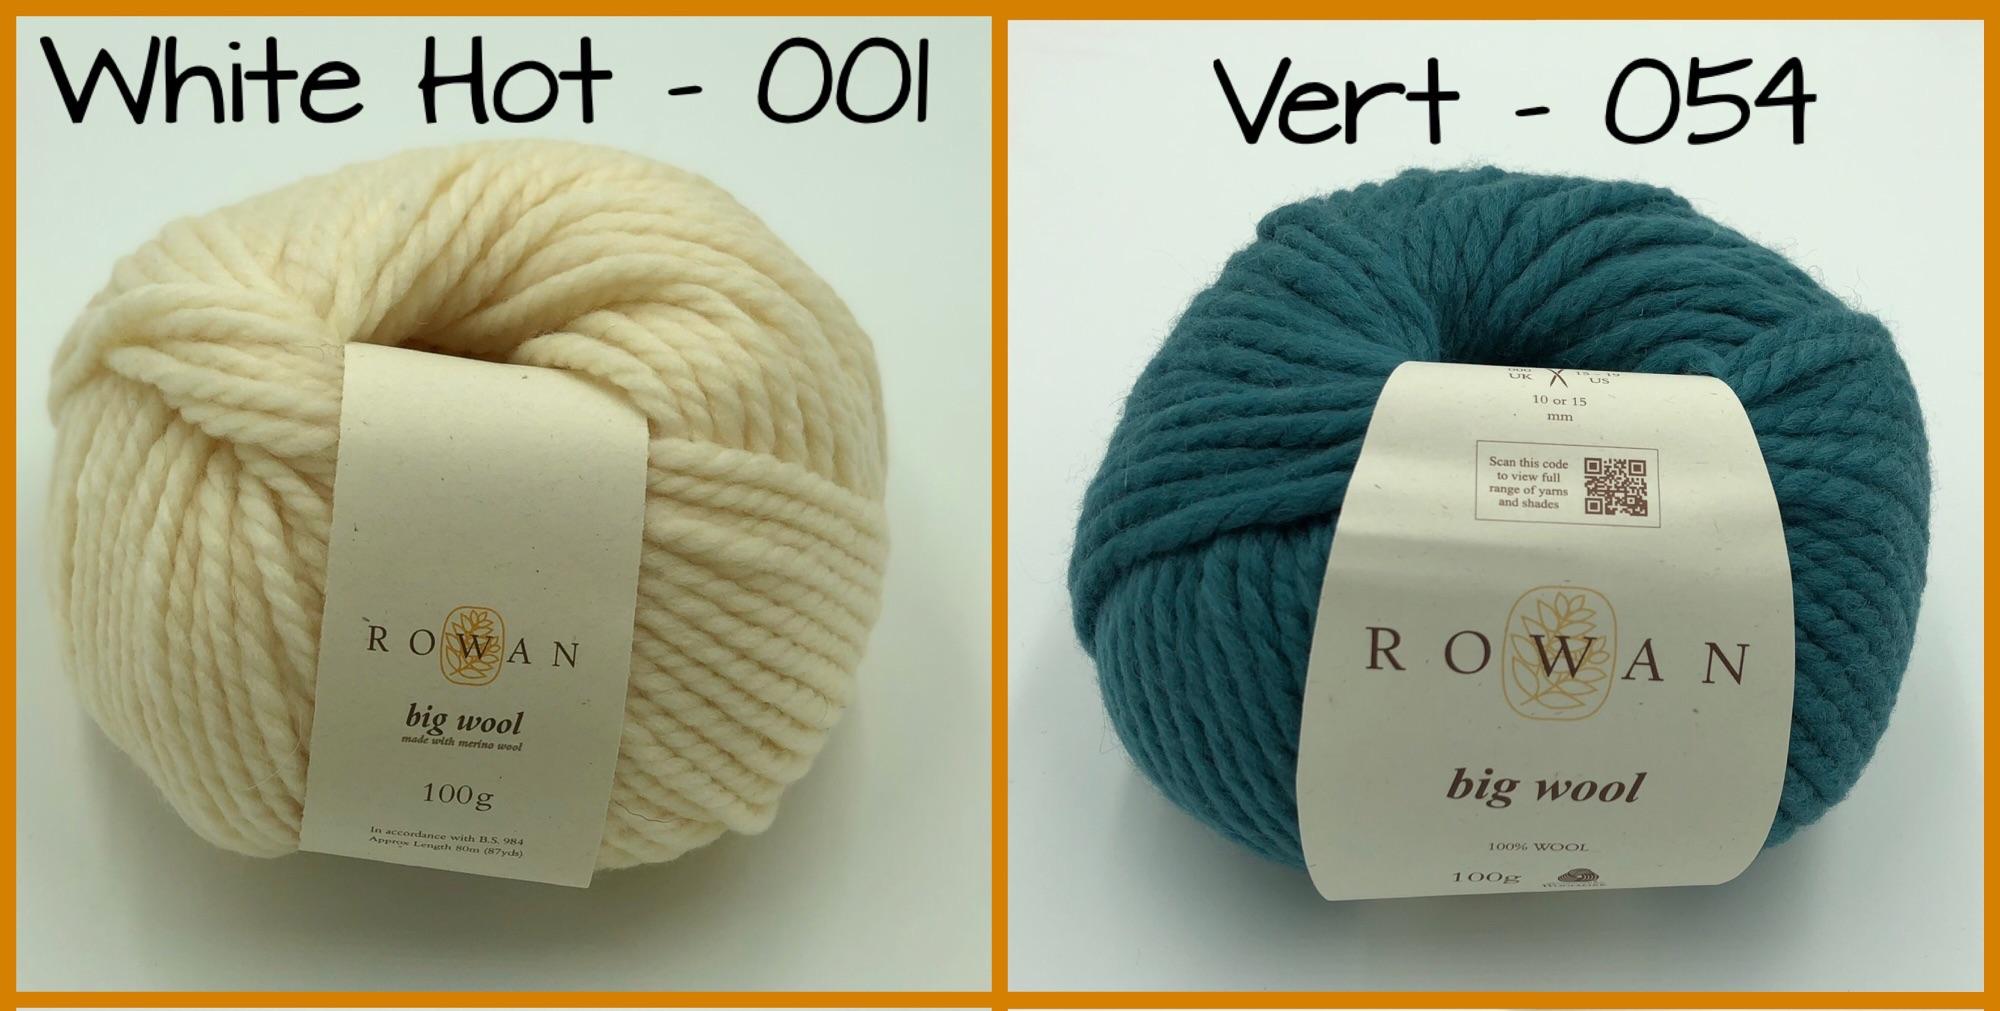 rowan big wool super chunky yarn white hot vert sun zing merino wool 100g